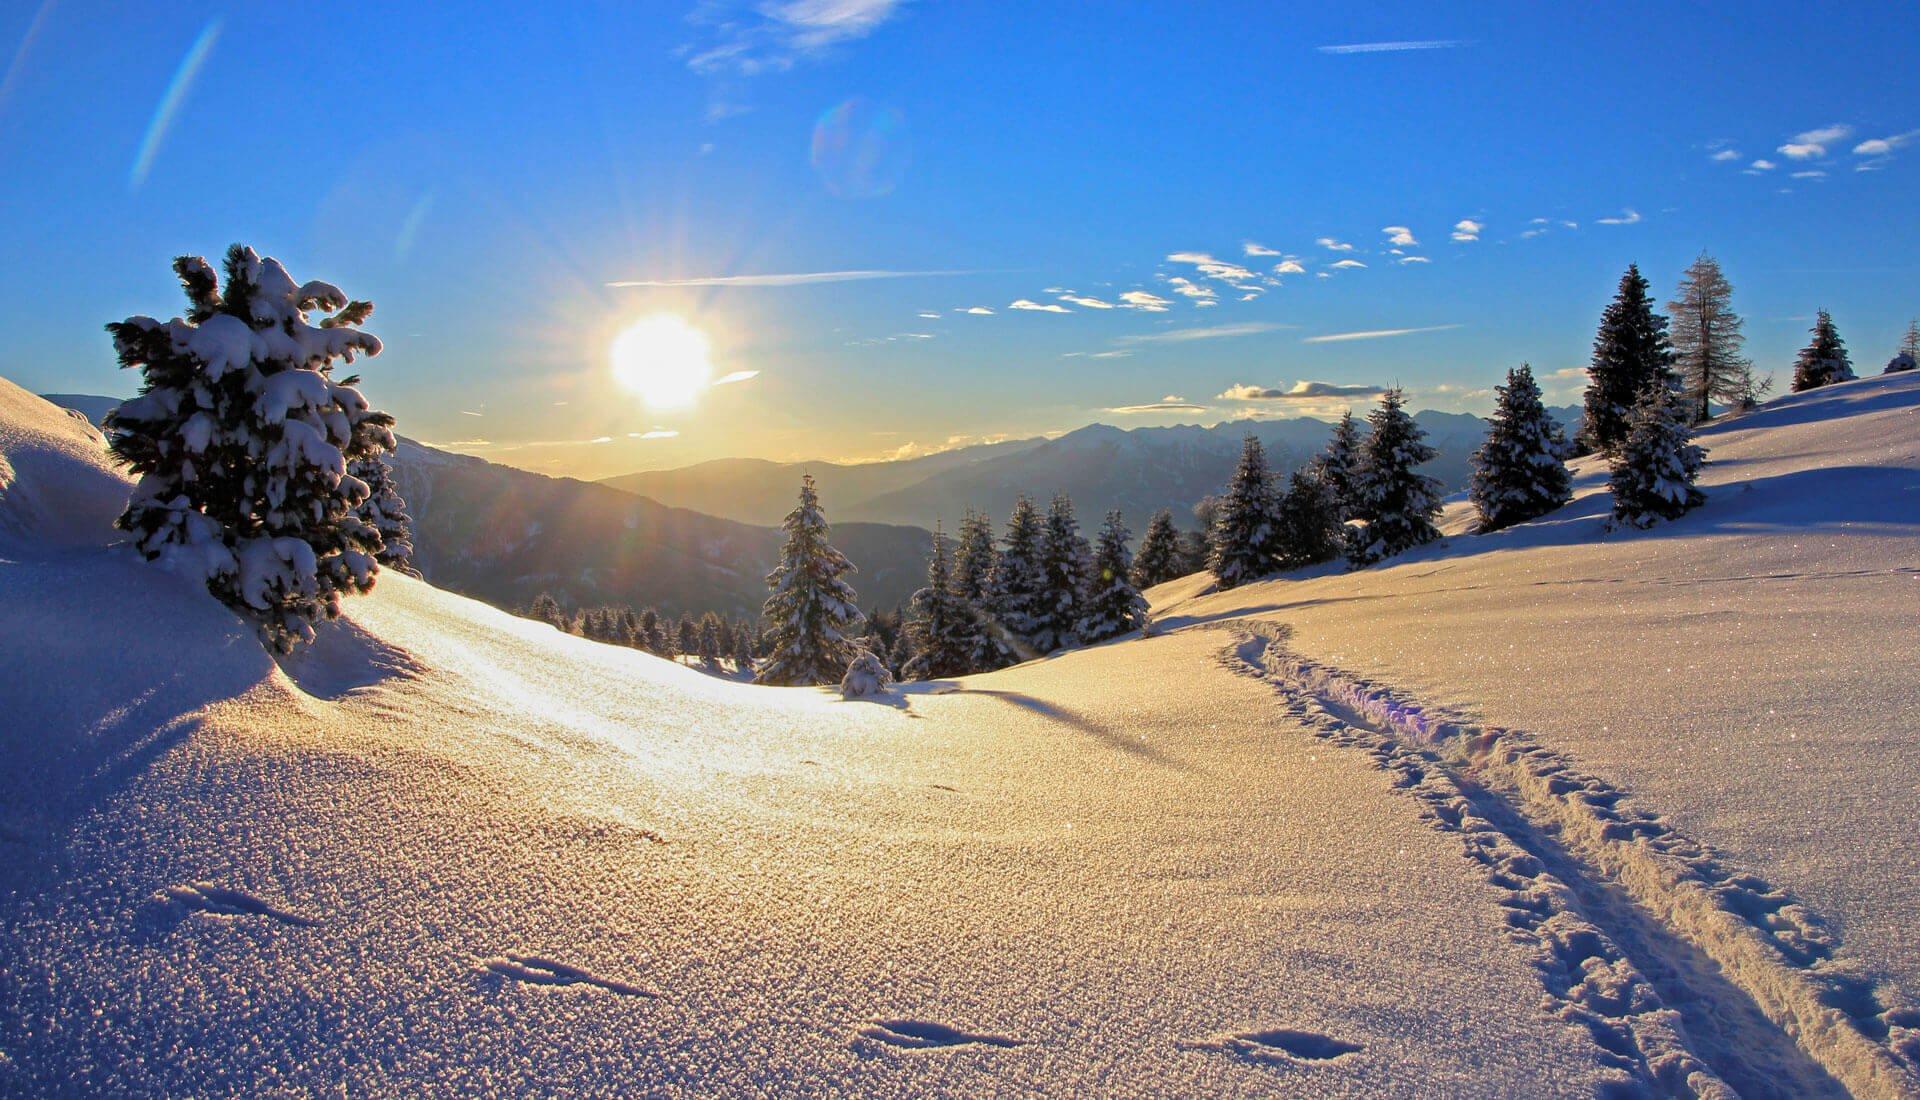 schneeschuhwandern-skigebiet-gitschberg-jochtal